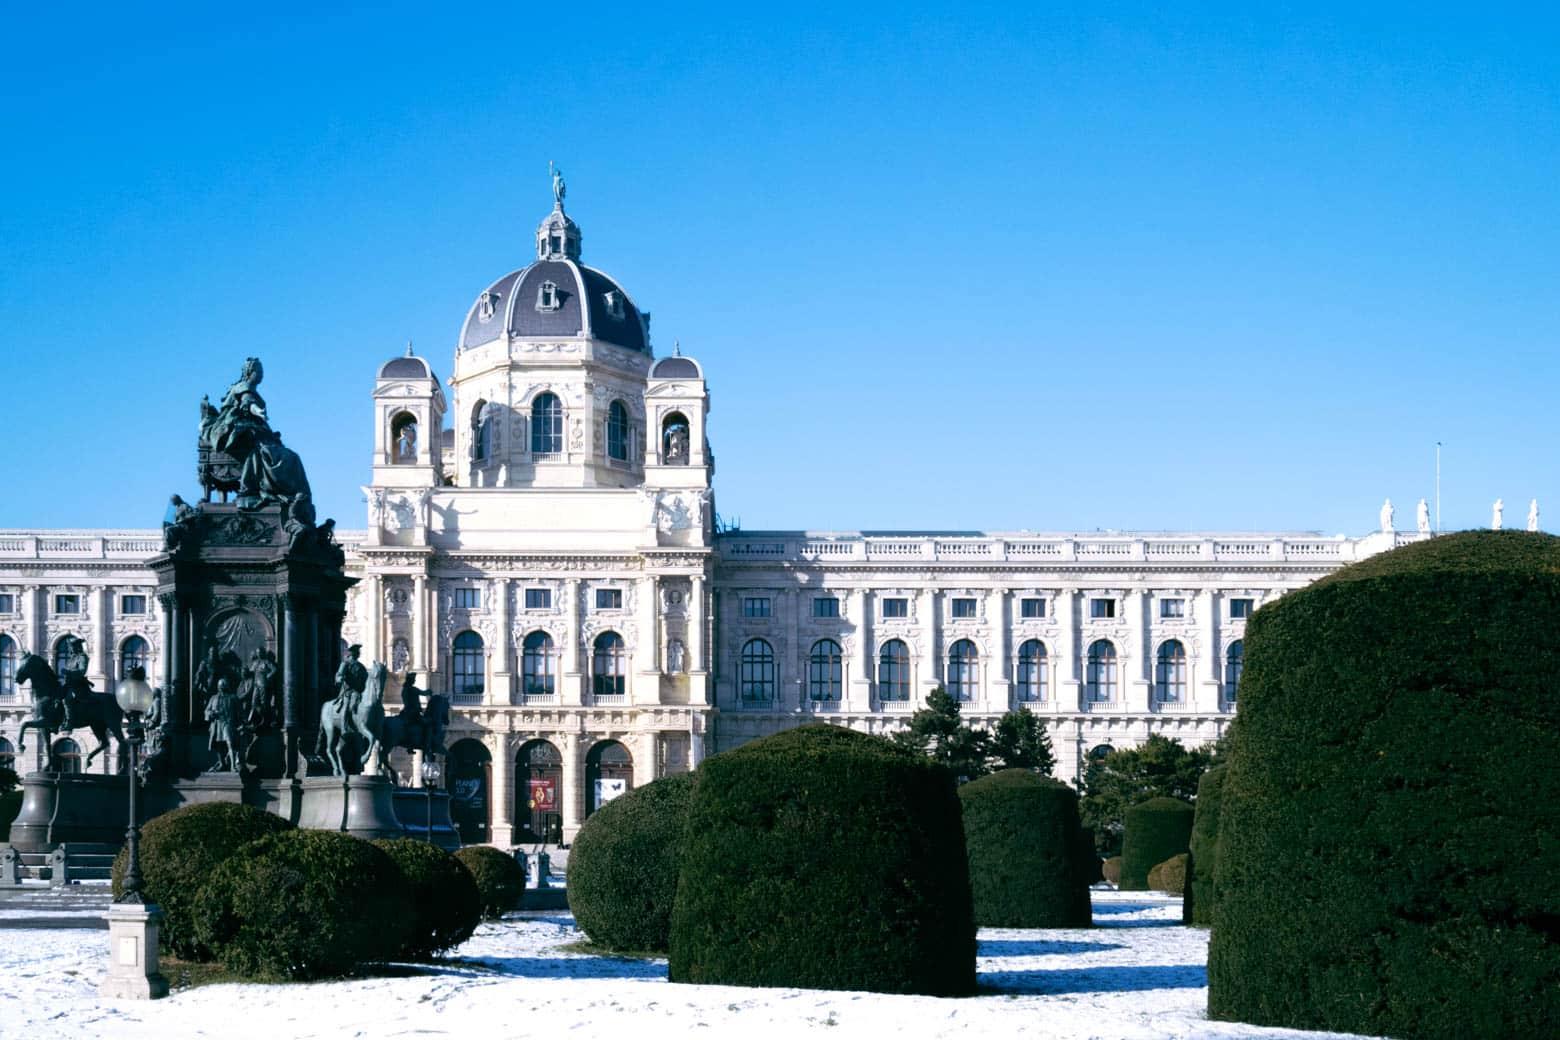 Maria Theresien Platz gardens with snow.